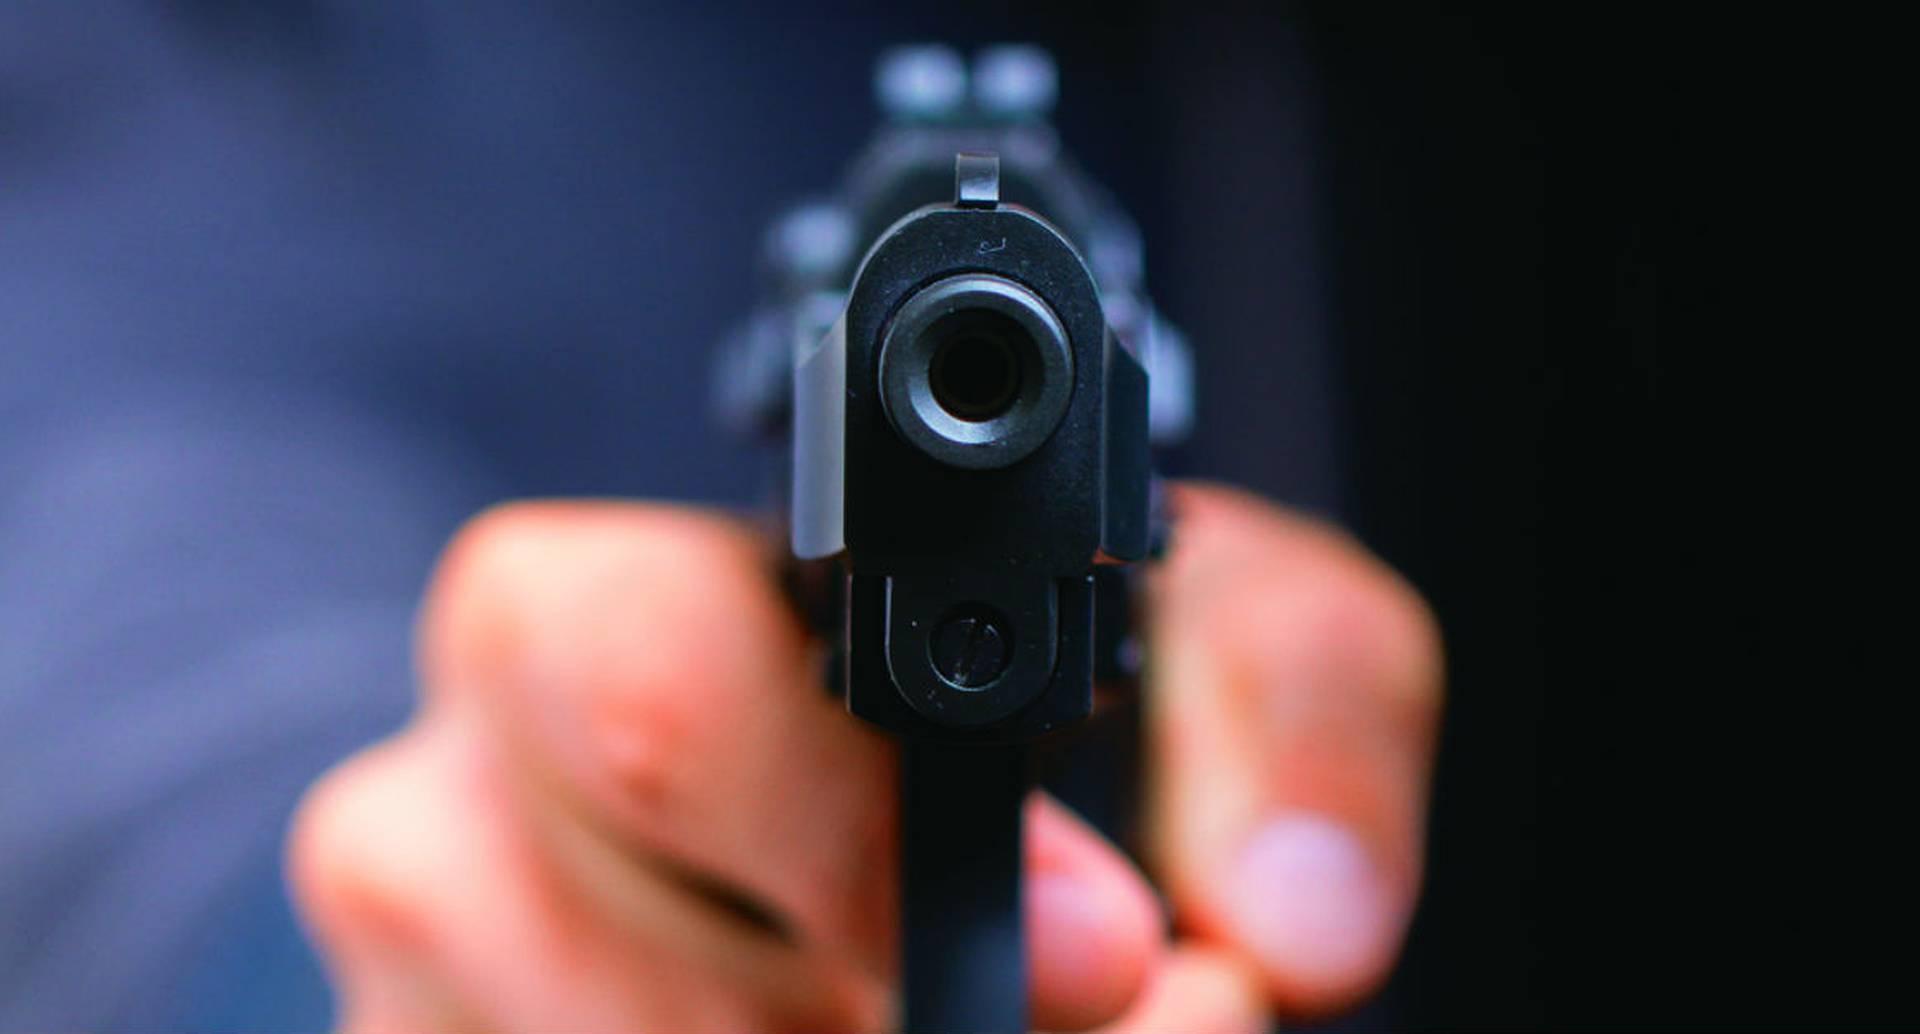 El celador terminó matando al ladrón cuando intentó parar el robo.